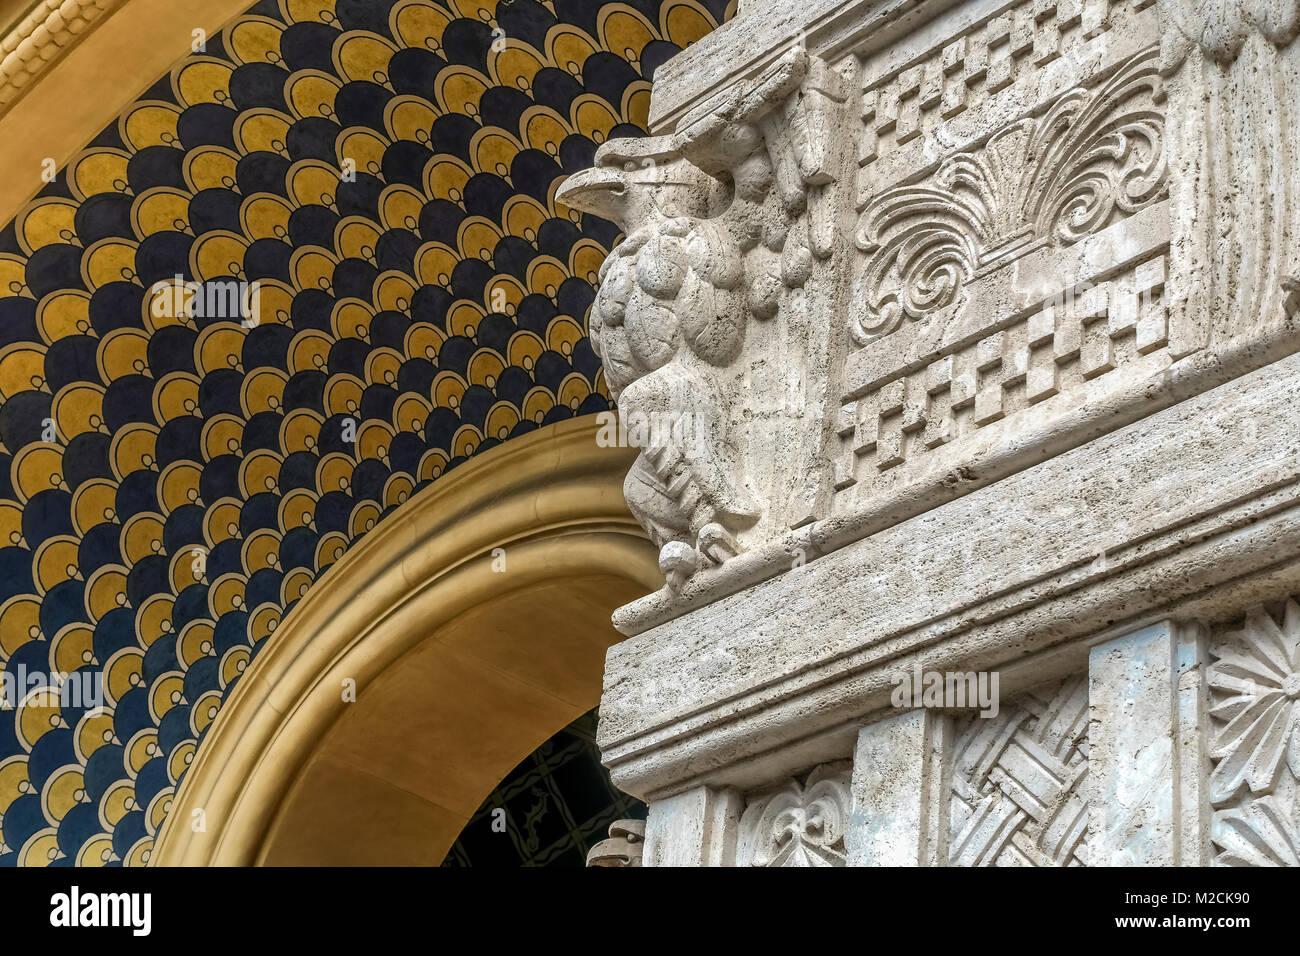 Soffitti A Volta Decorazioni : Dipinti restauro pittorico soffitto ocrarossa